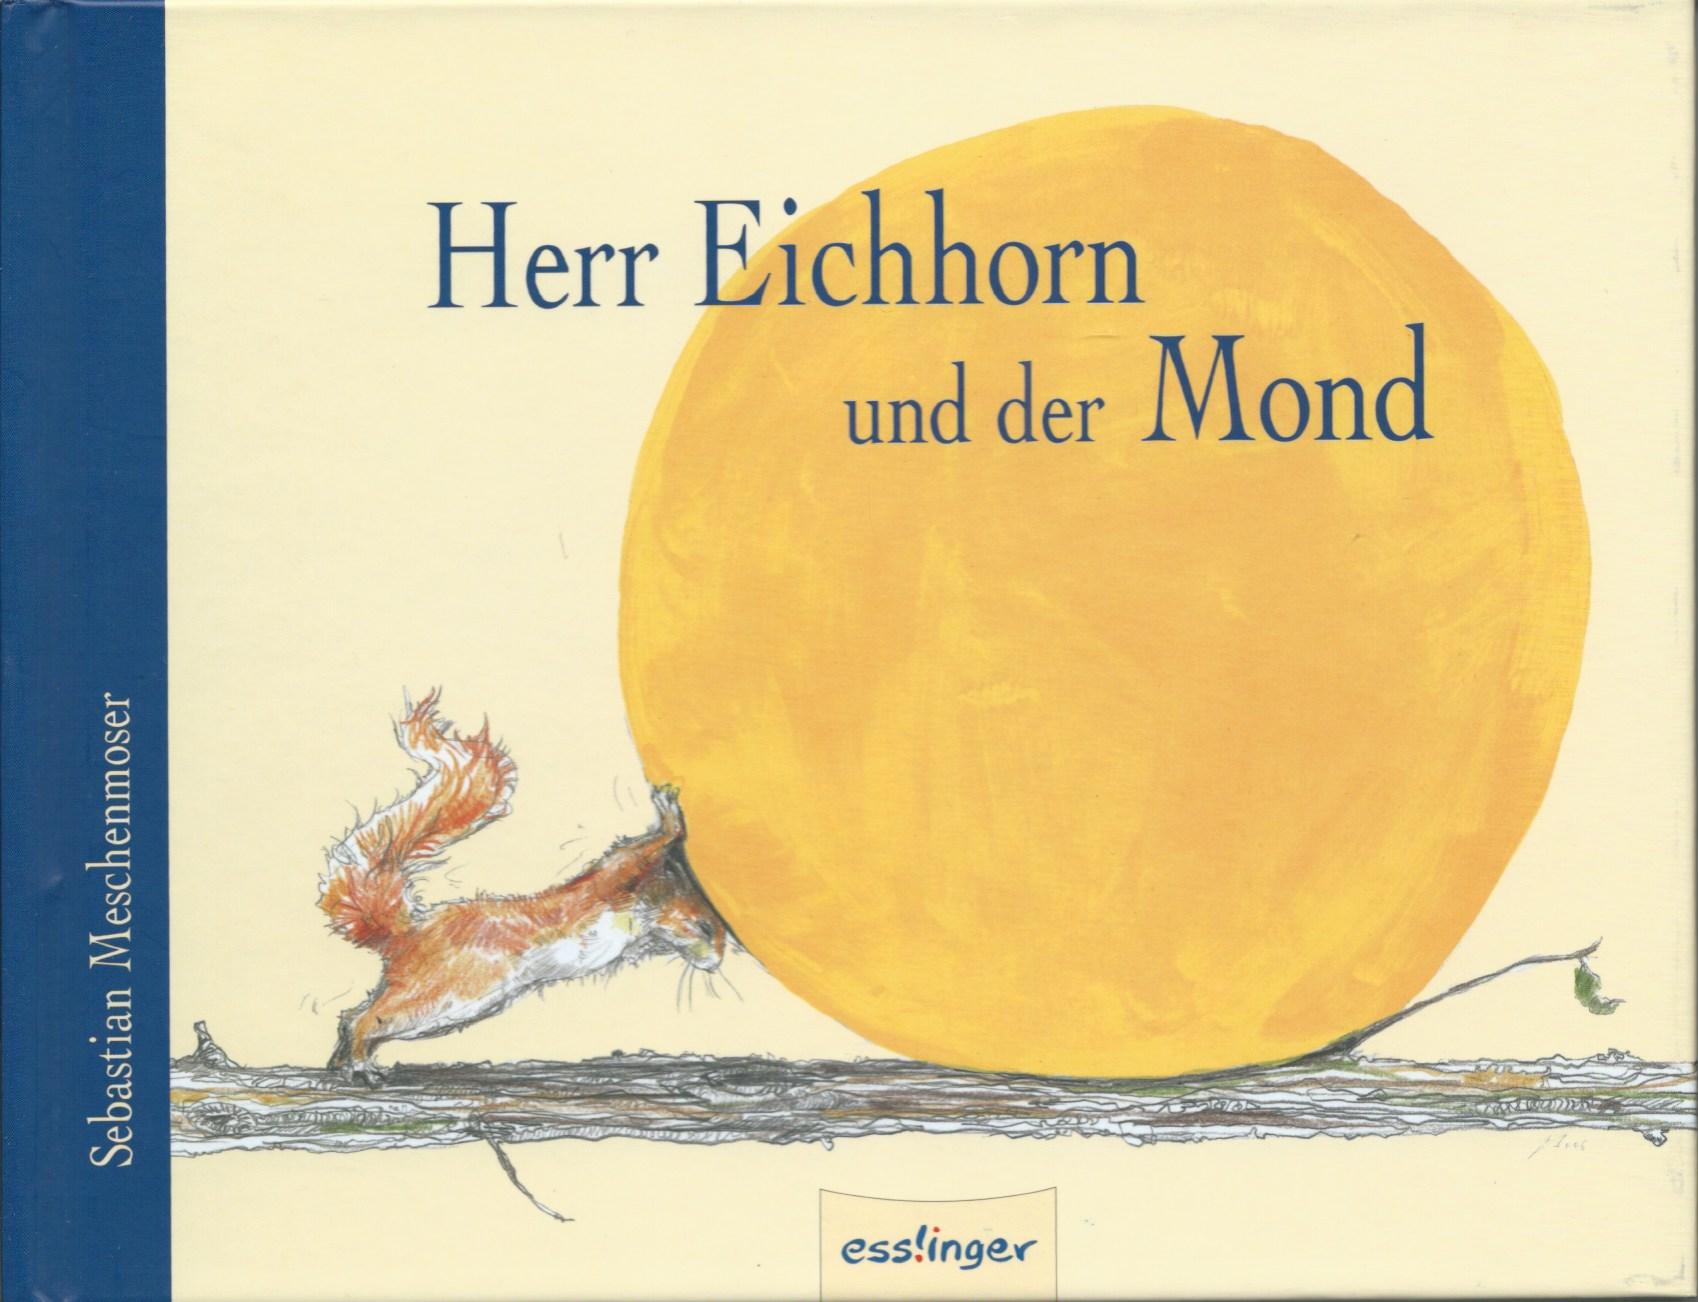 Herr Eichhorn und der Mond Book Cover